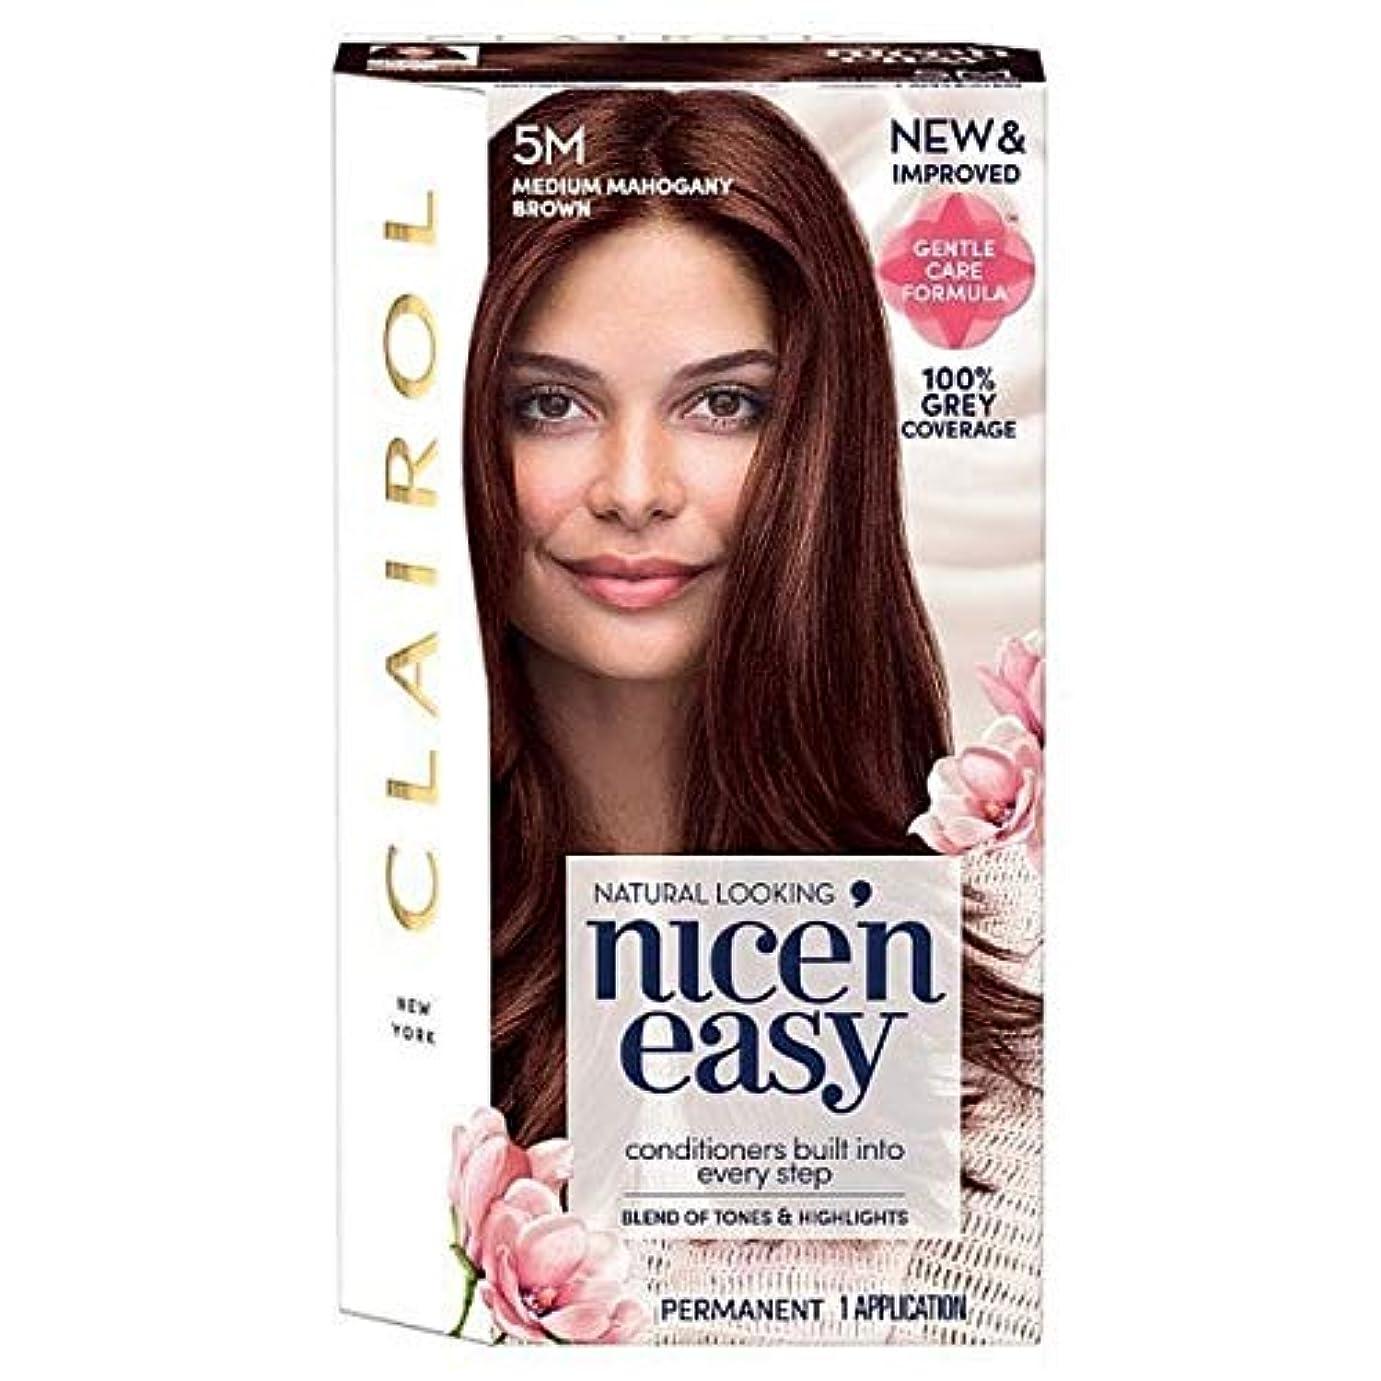 移民スタックスポーツマン[Nice'n Easy] 簡単に5メートルメディアマホガニーブラウンNice'N - Nice'n Easy 5M Medium Mahogany Brown [並行輸入品]